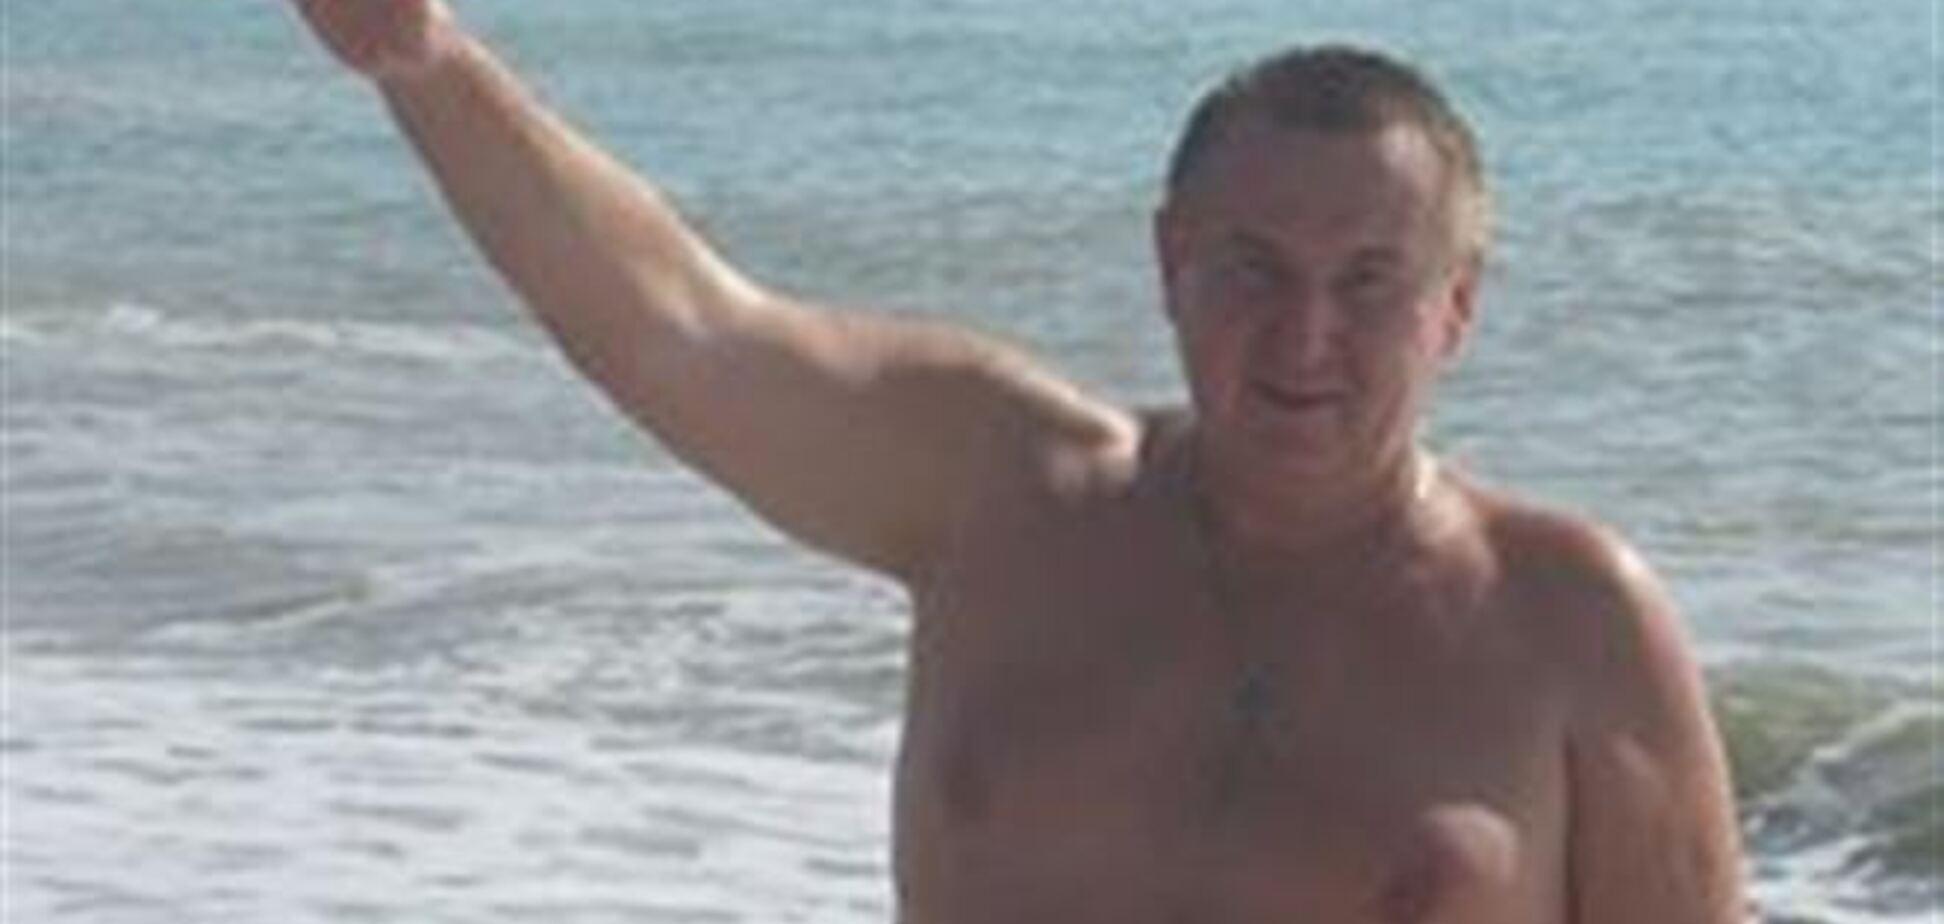 Крымский депутат показал голое тело